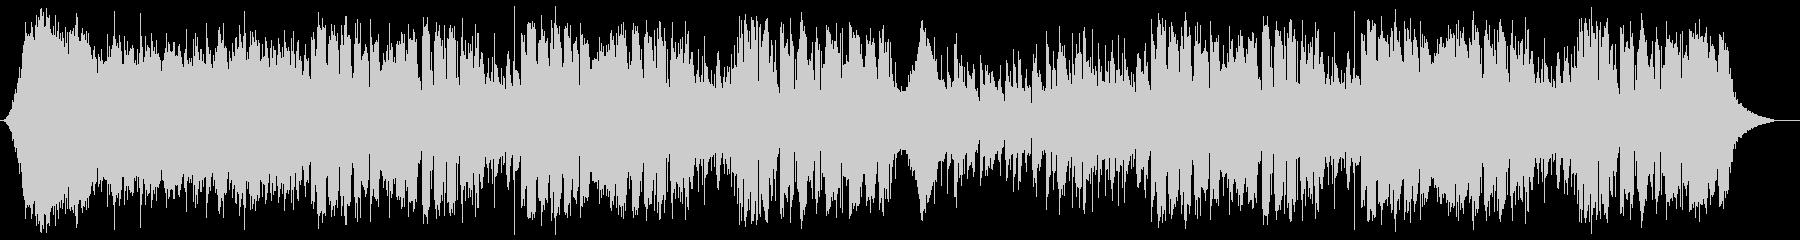 シンセを取り入れたジャズフュージョンの未再生の波形